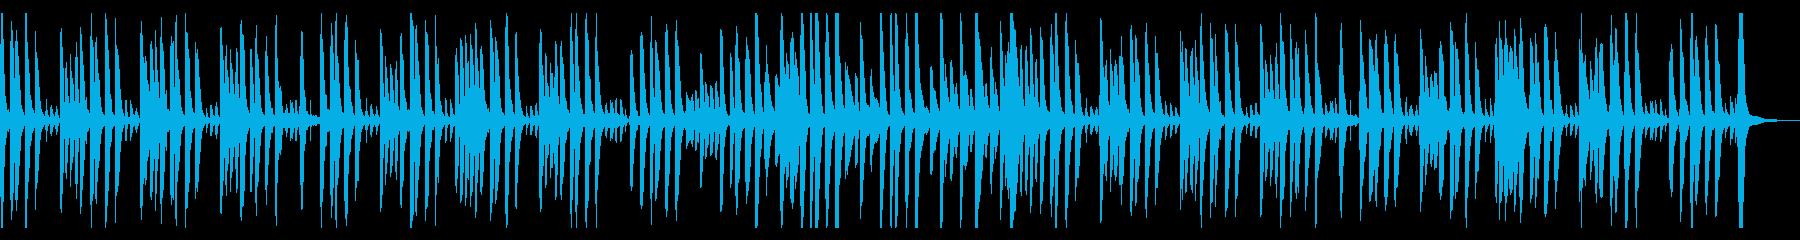 ピアノとマリンバでほのぼの日常シーンの再生済みの波形